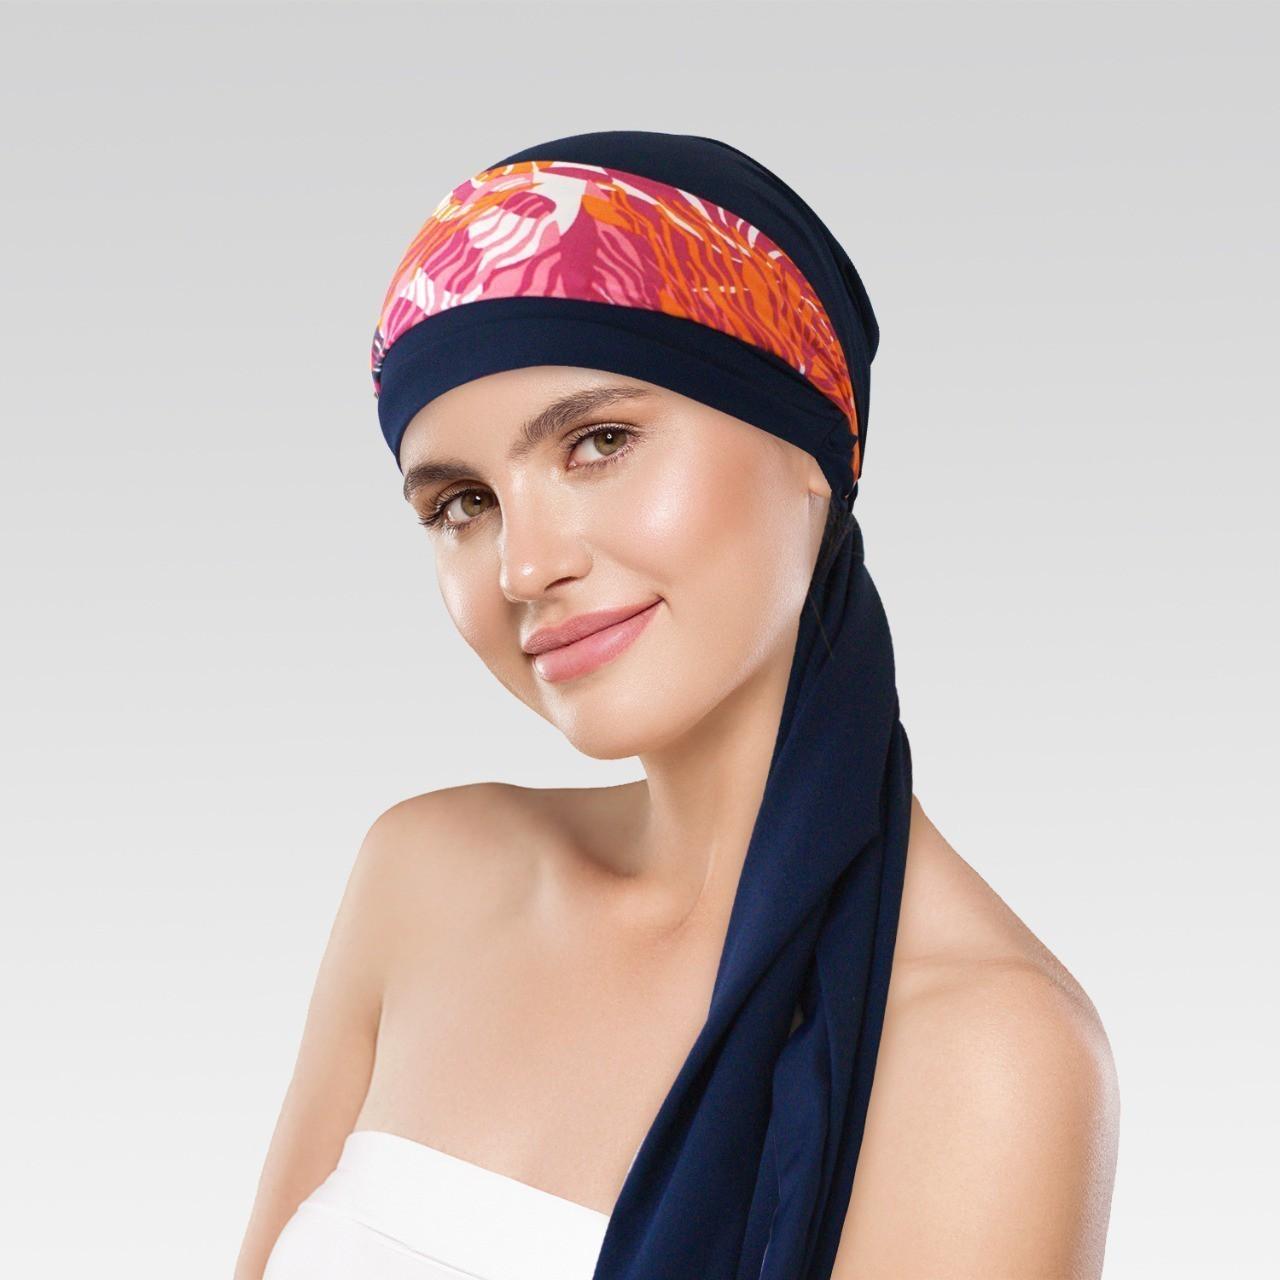 Turbante Azul Marinho com Proteção UV + Tiara Simples